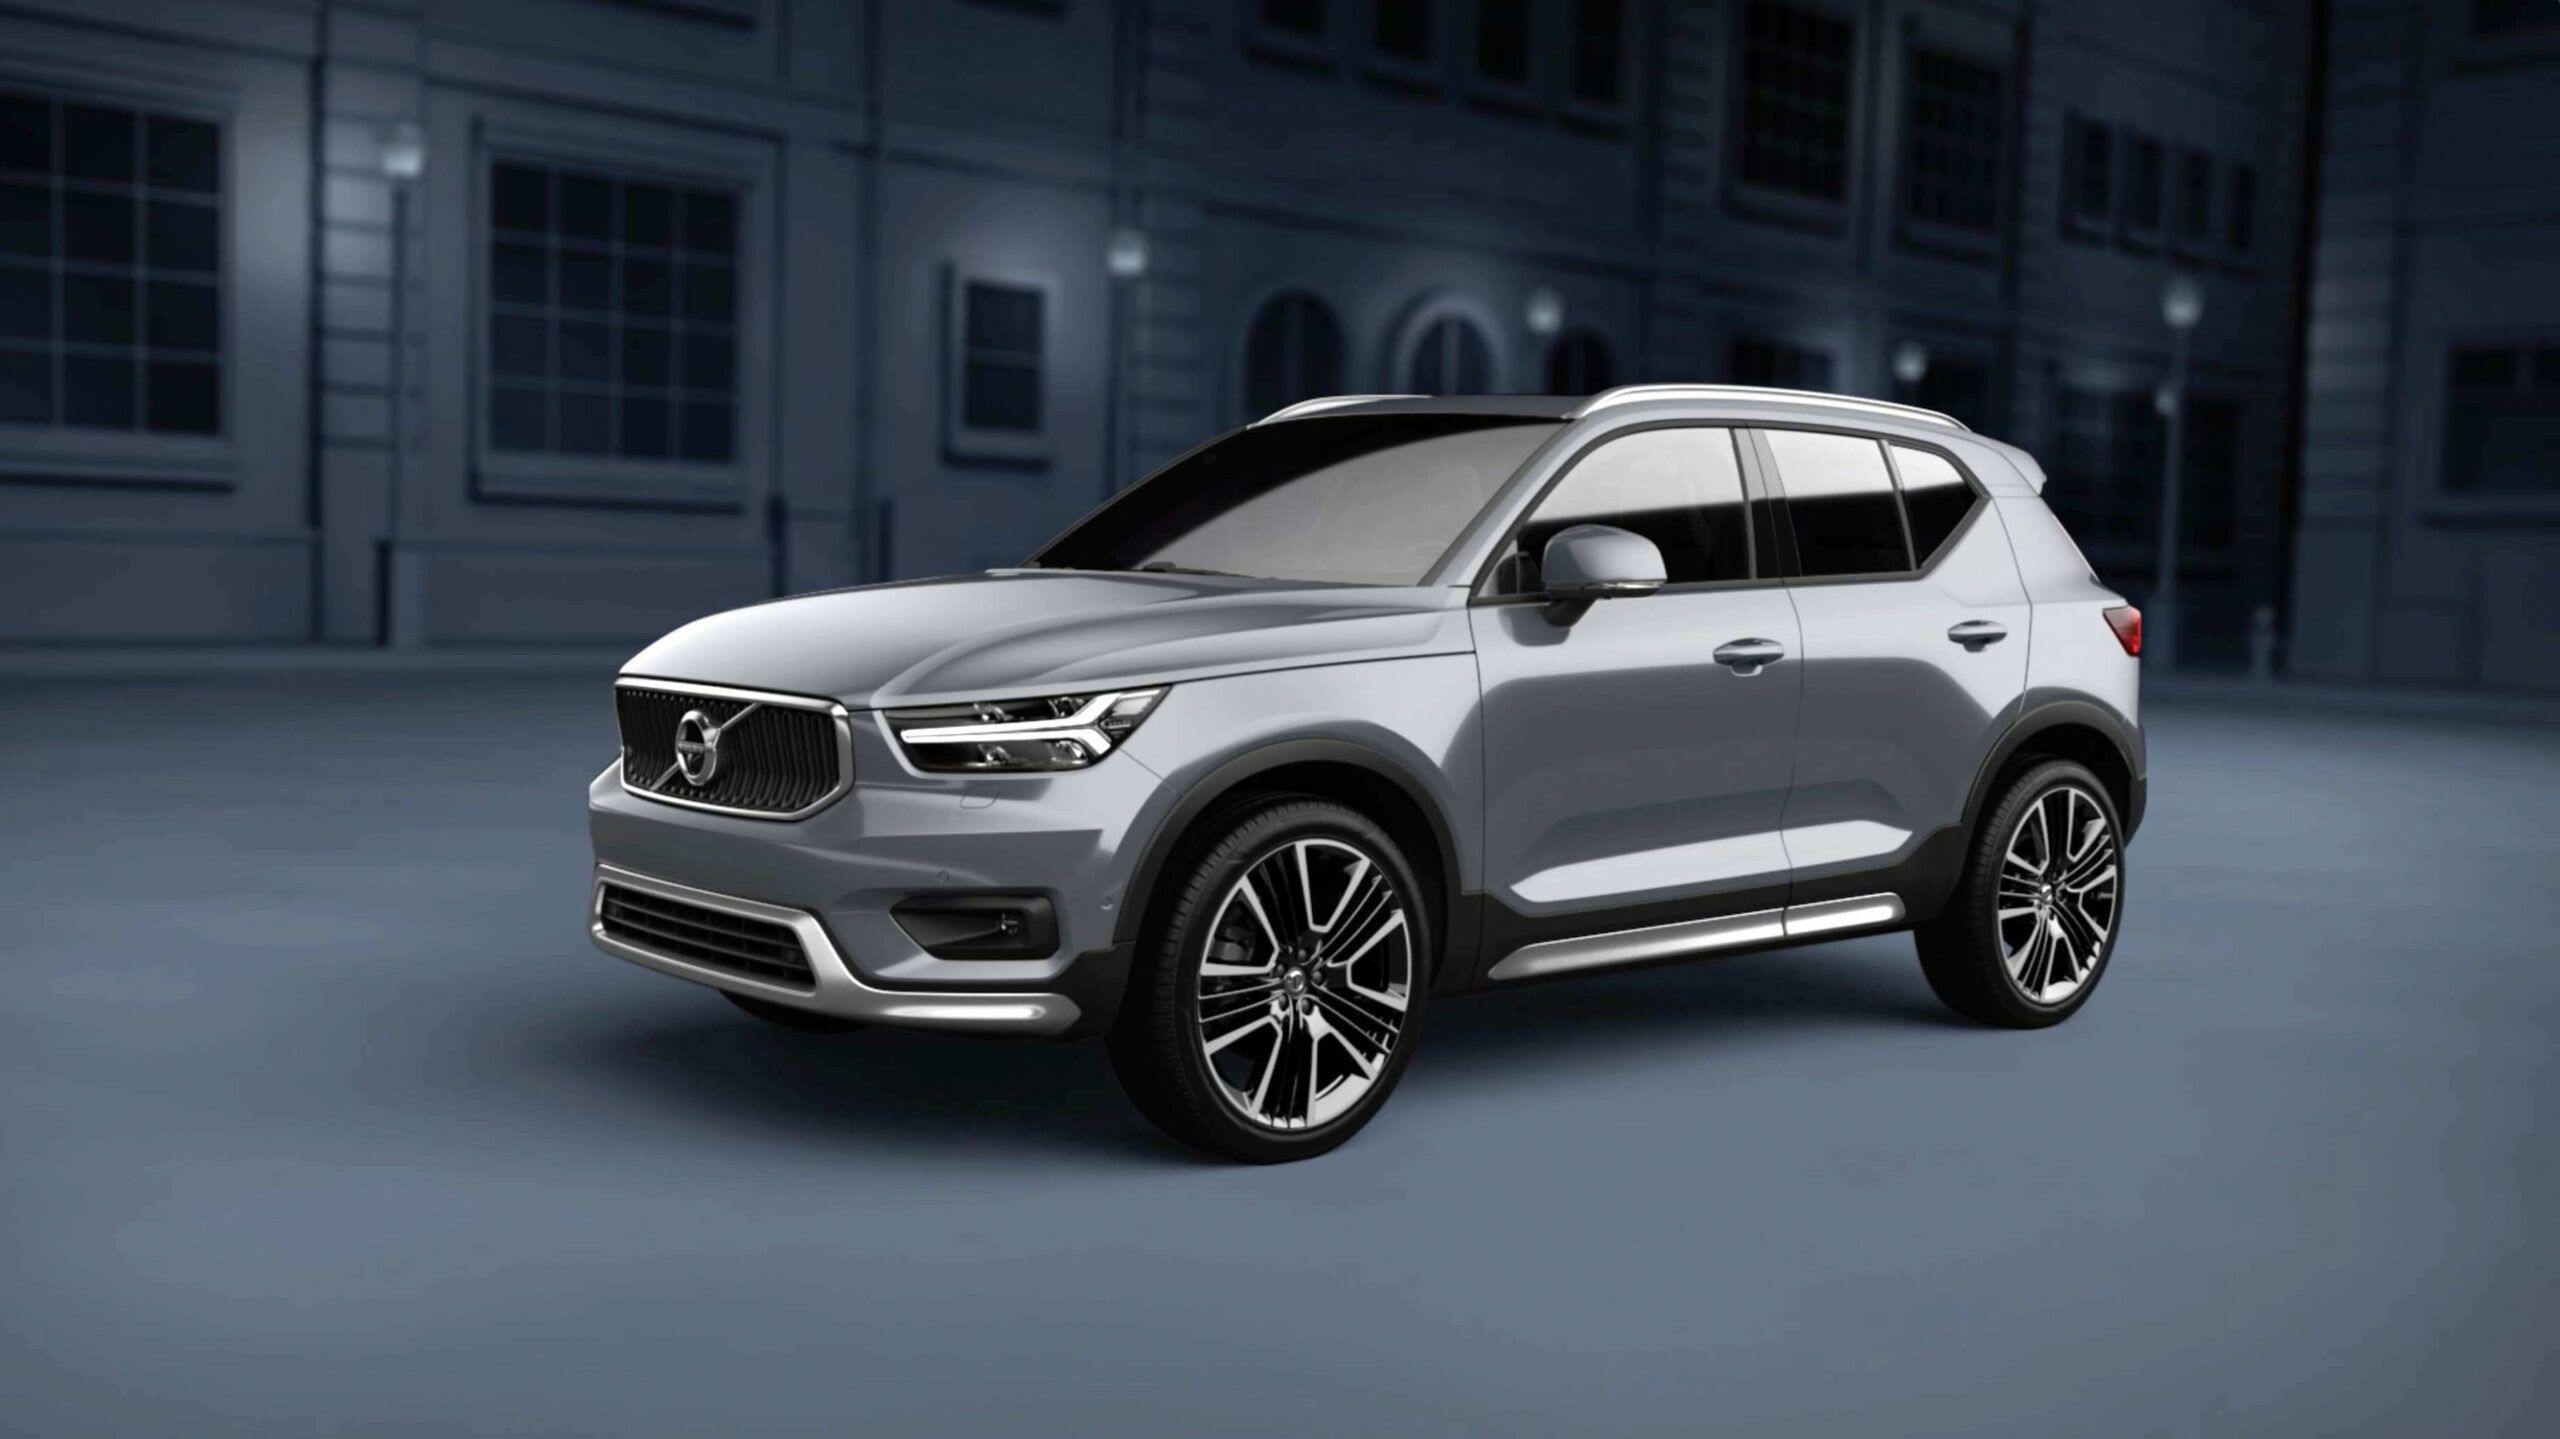 2020 Volvo Brochure In 2020 Volvo Cars Uk Car Advertising Design